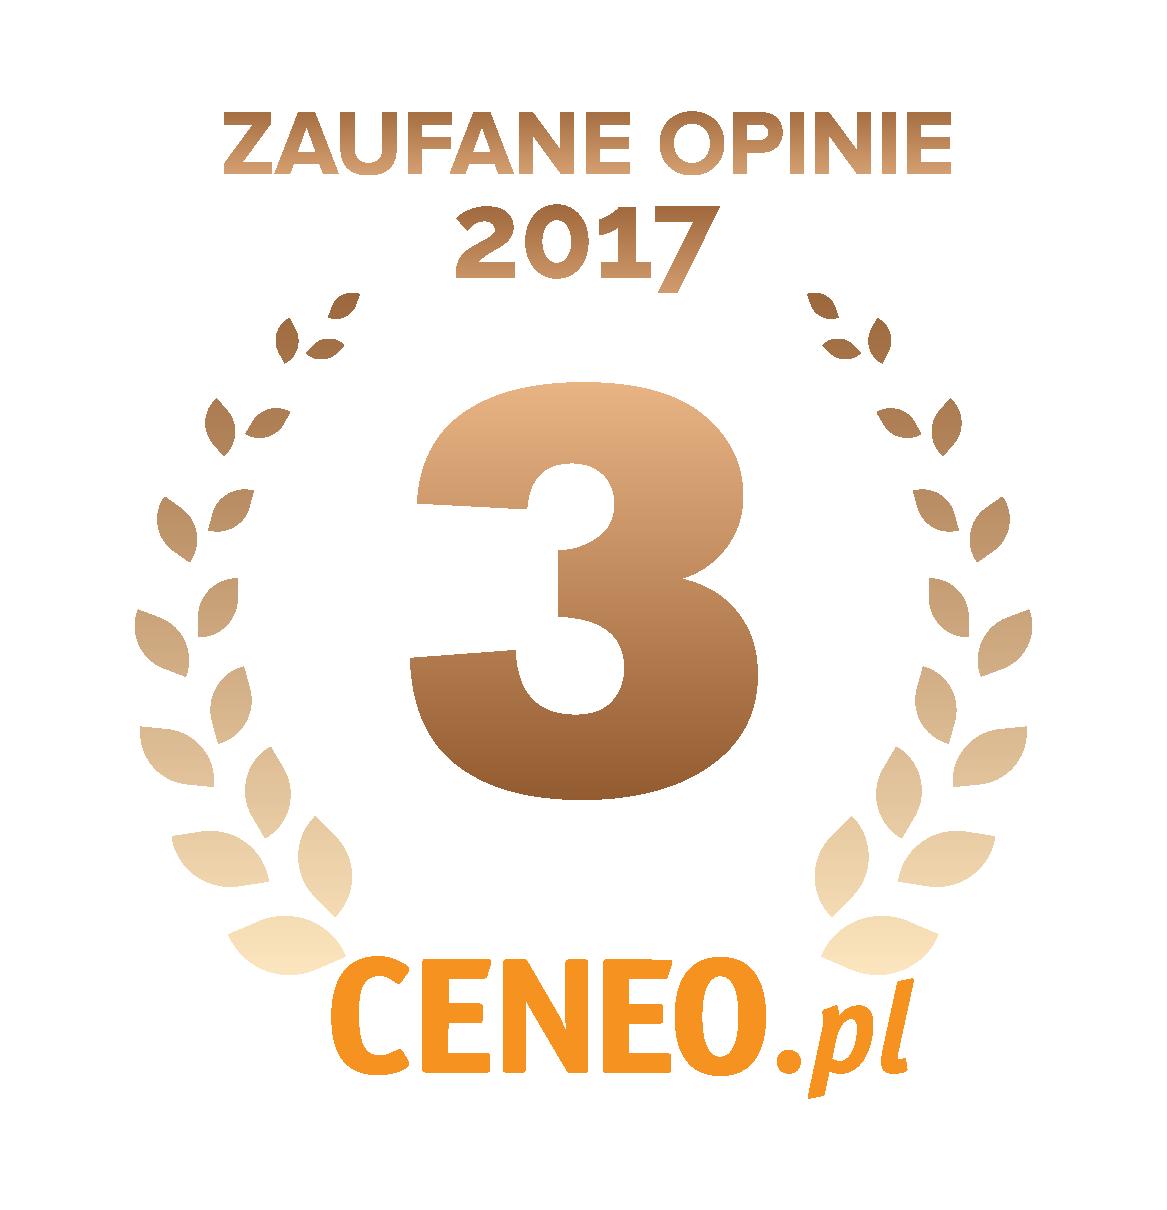 Zaufane opinie 2017 Ceneo.pl